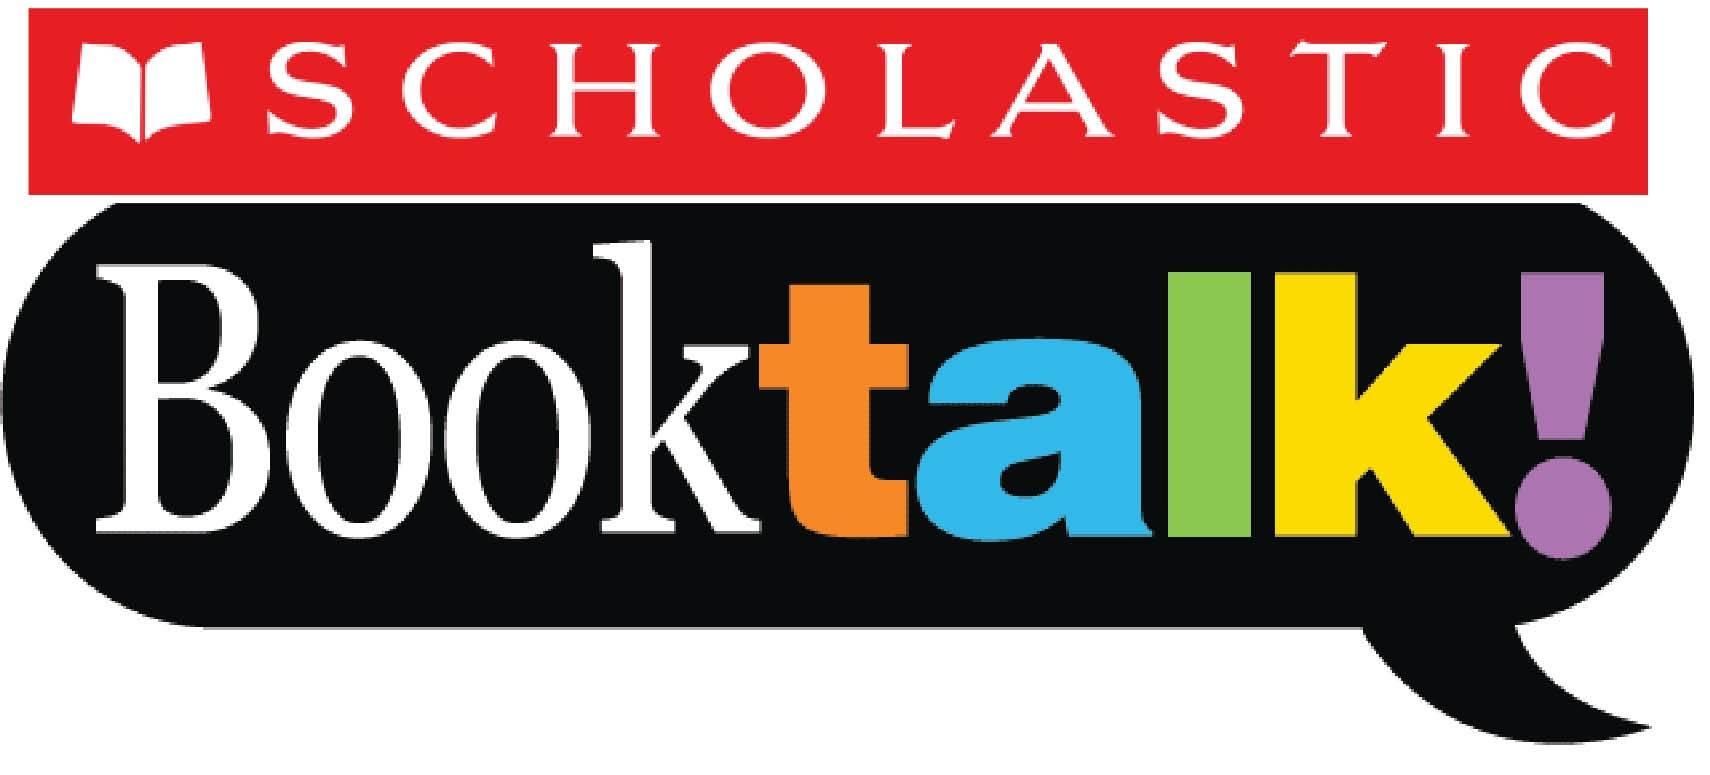 Scholastic Booktalks